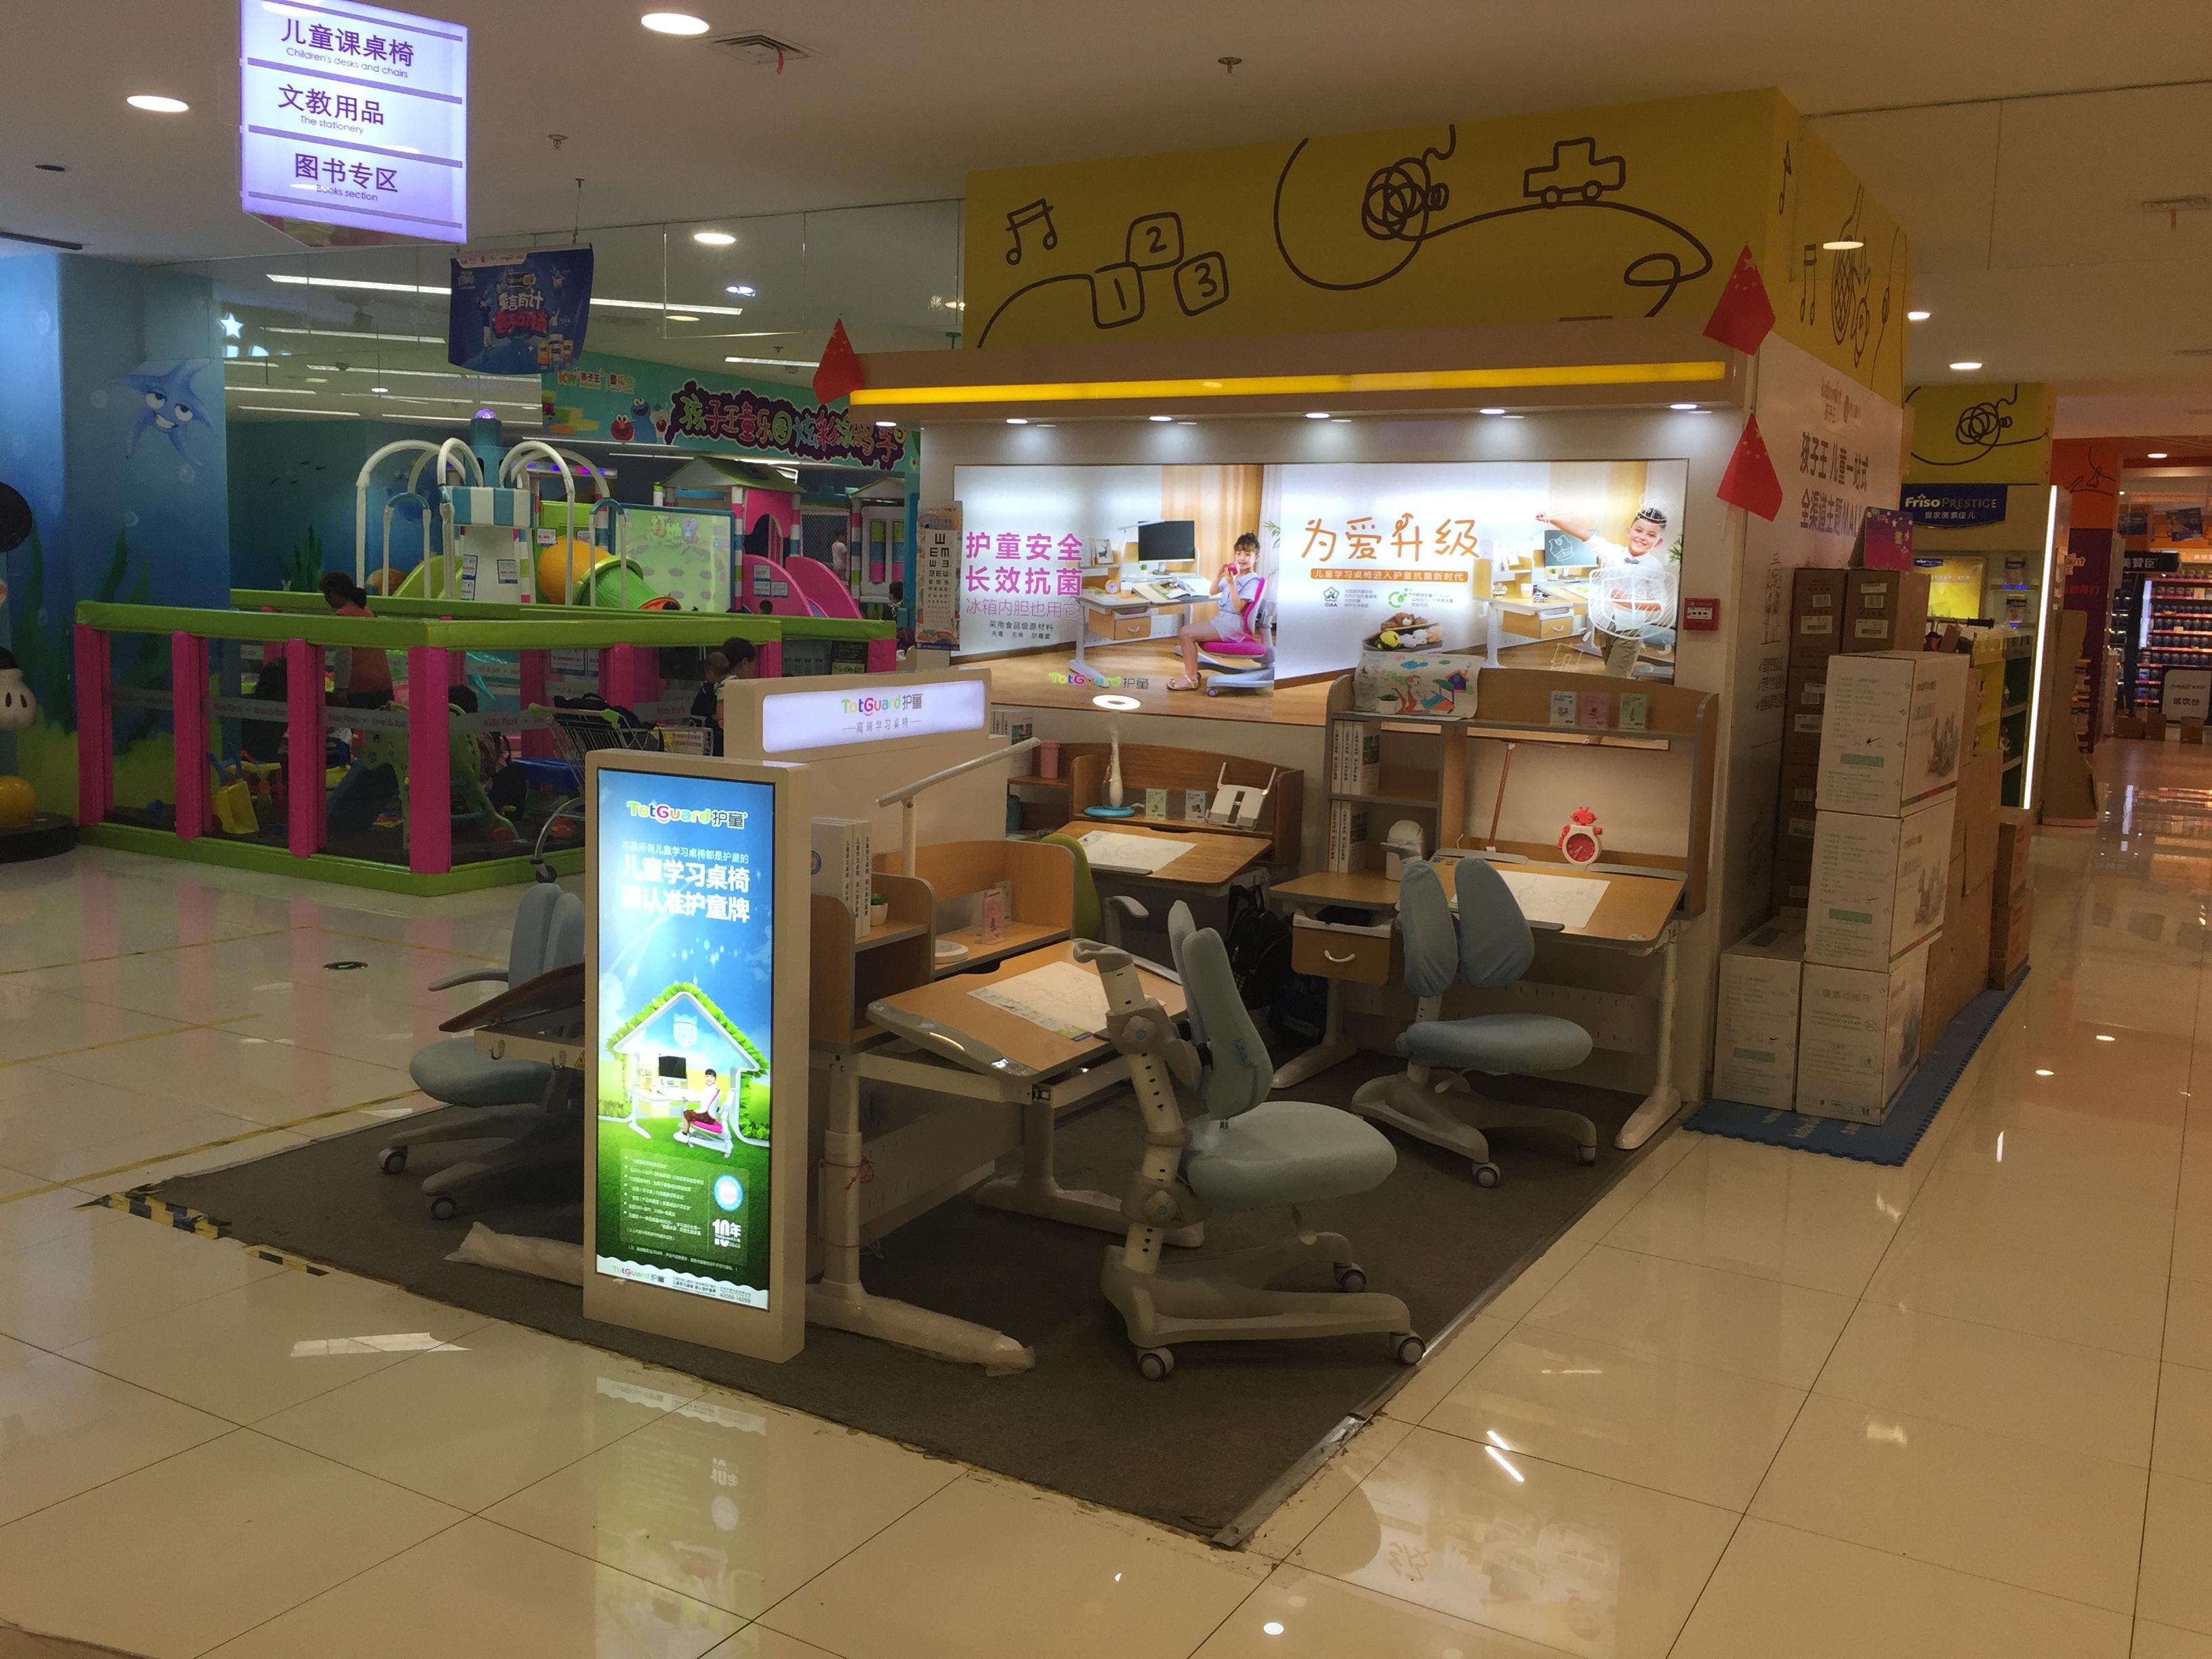 热烈祝贺护童第1492家南京常发孩子王护童专柜盛大开业!